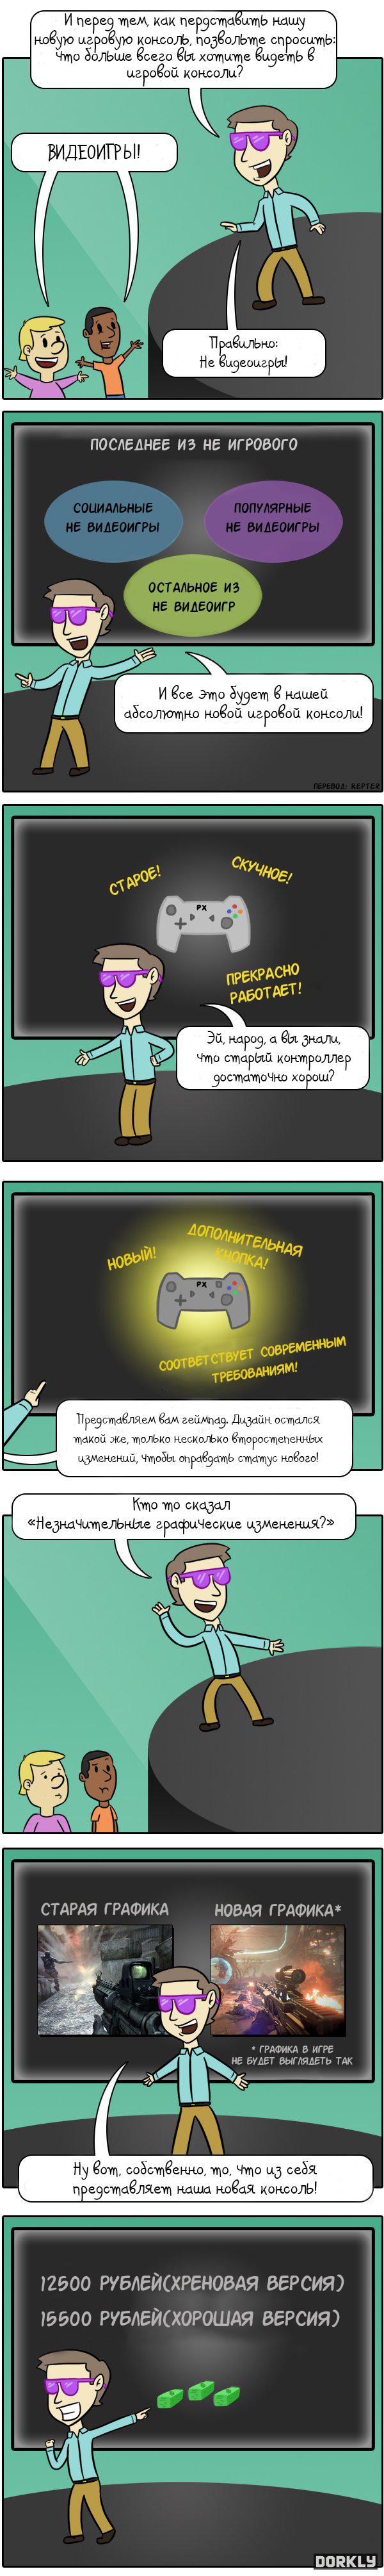 И еще один забавный комикс про вчерашнюю презентацию#XboxOne. - Изображение 1